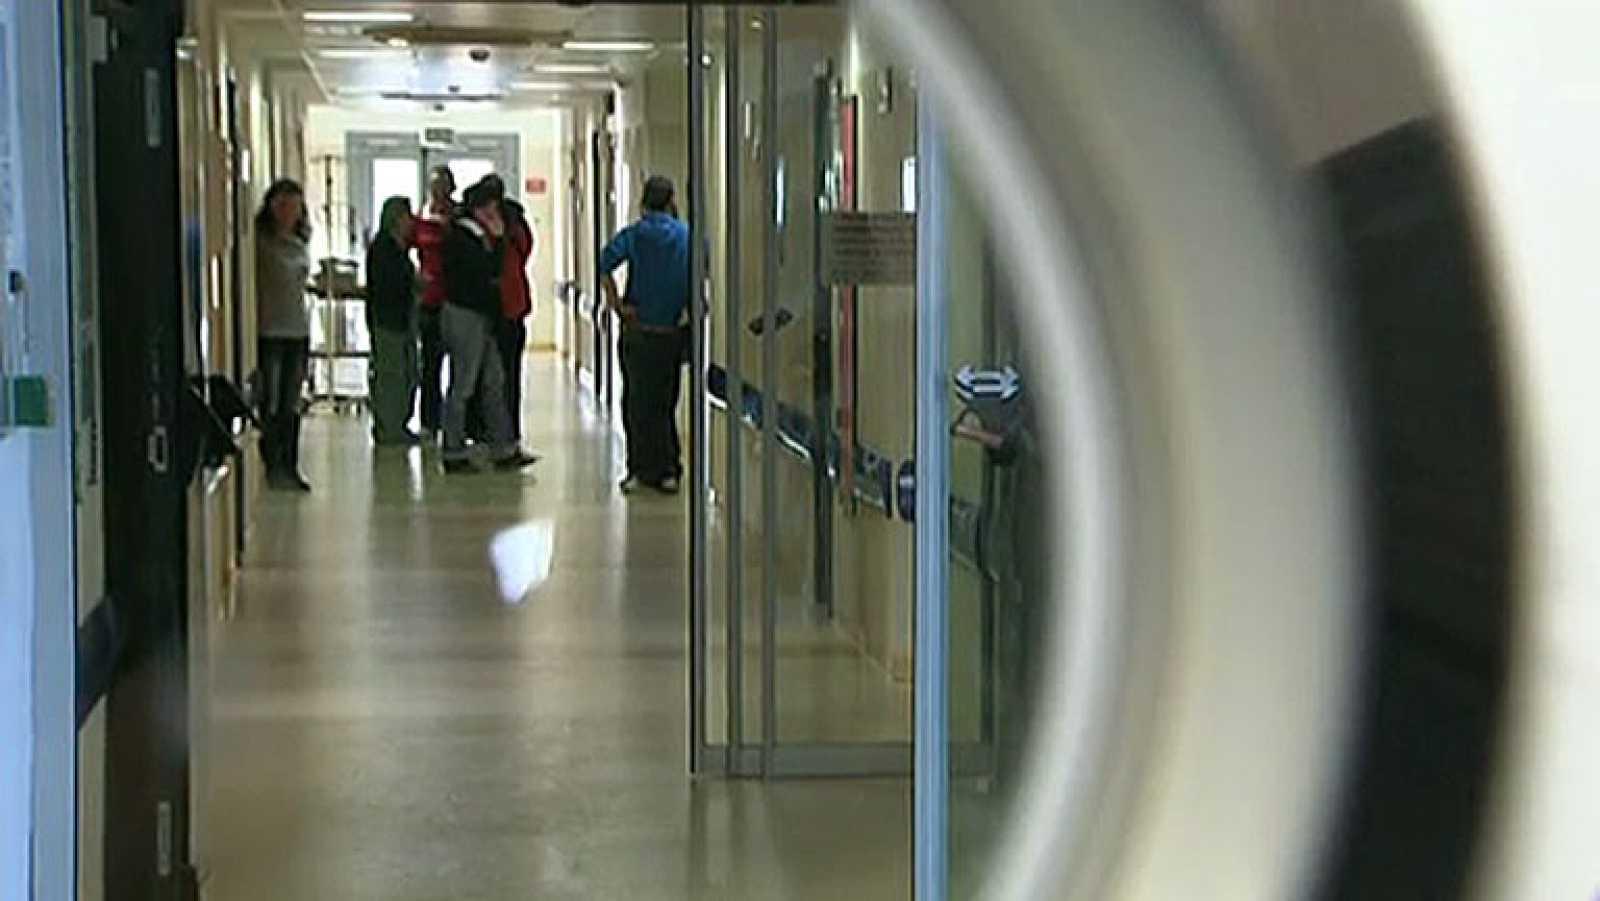 La Organización Médica Colegial plantea que se haga pagar a los pacientes que hagan un mal uso de la sanidad